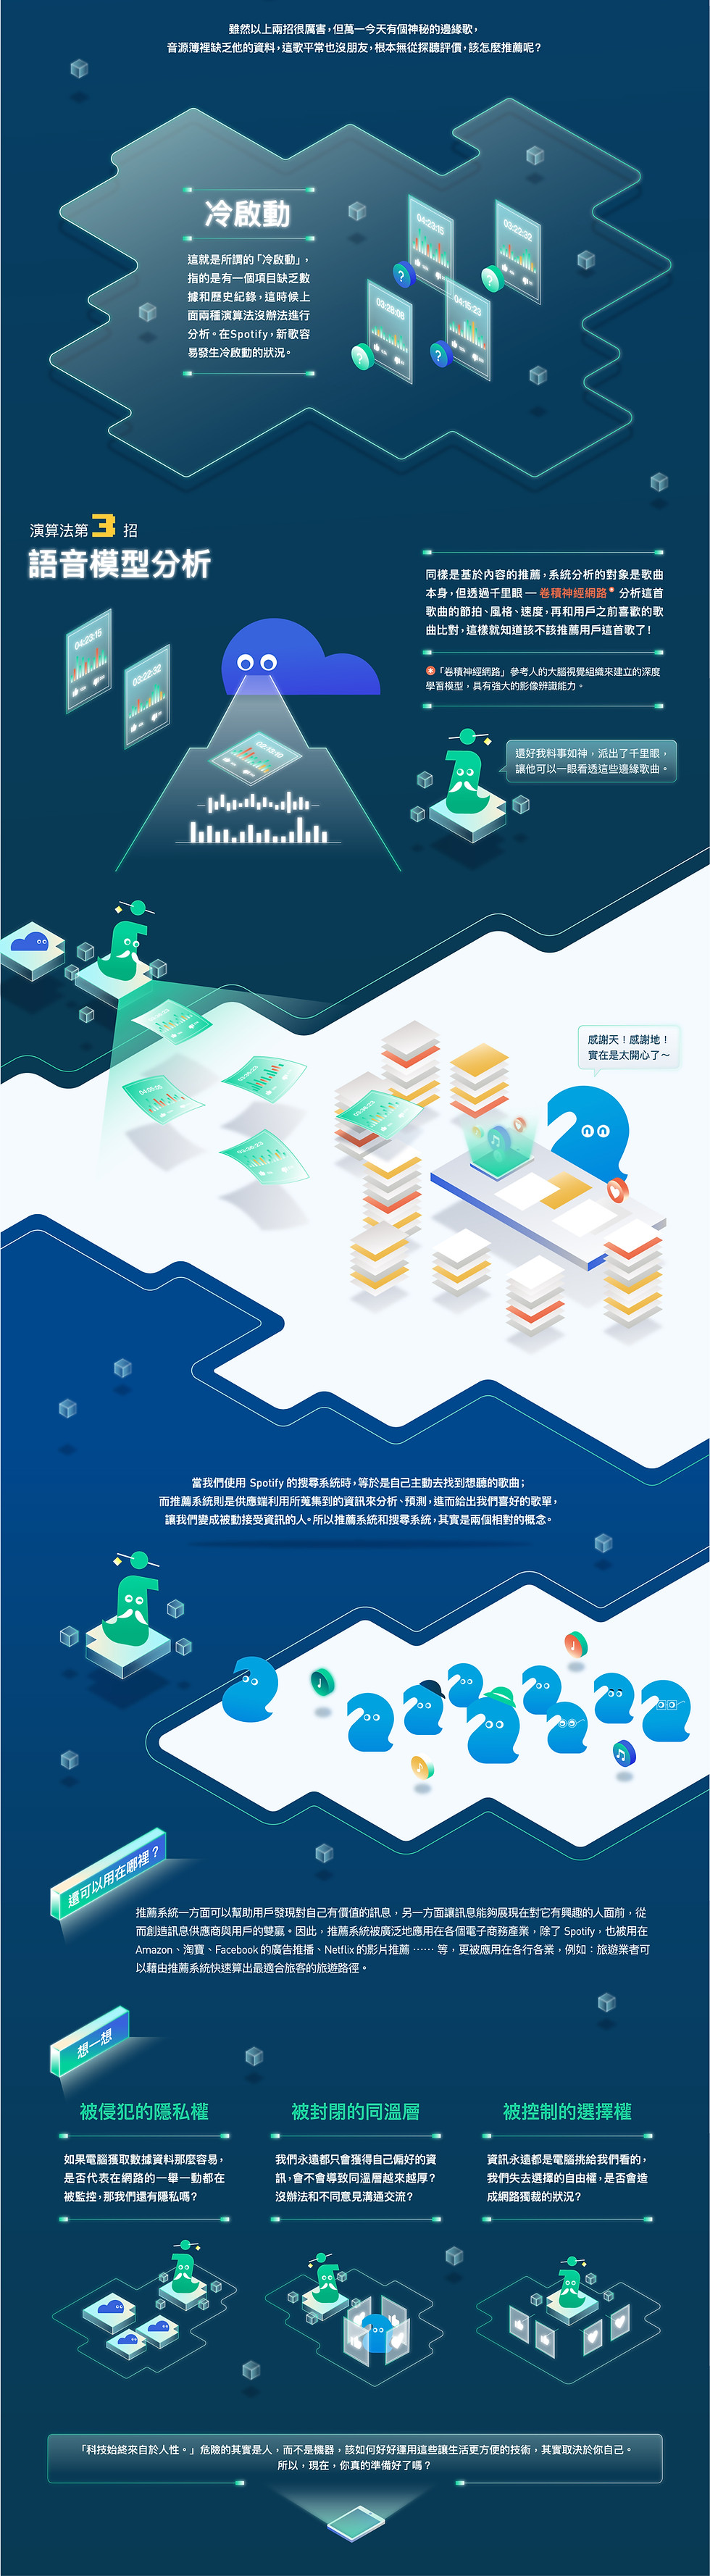 AI推薦系統篇_infographic_中文版_大字_OL-02.jpg